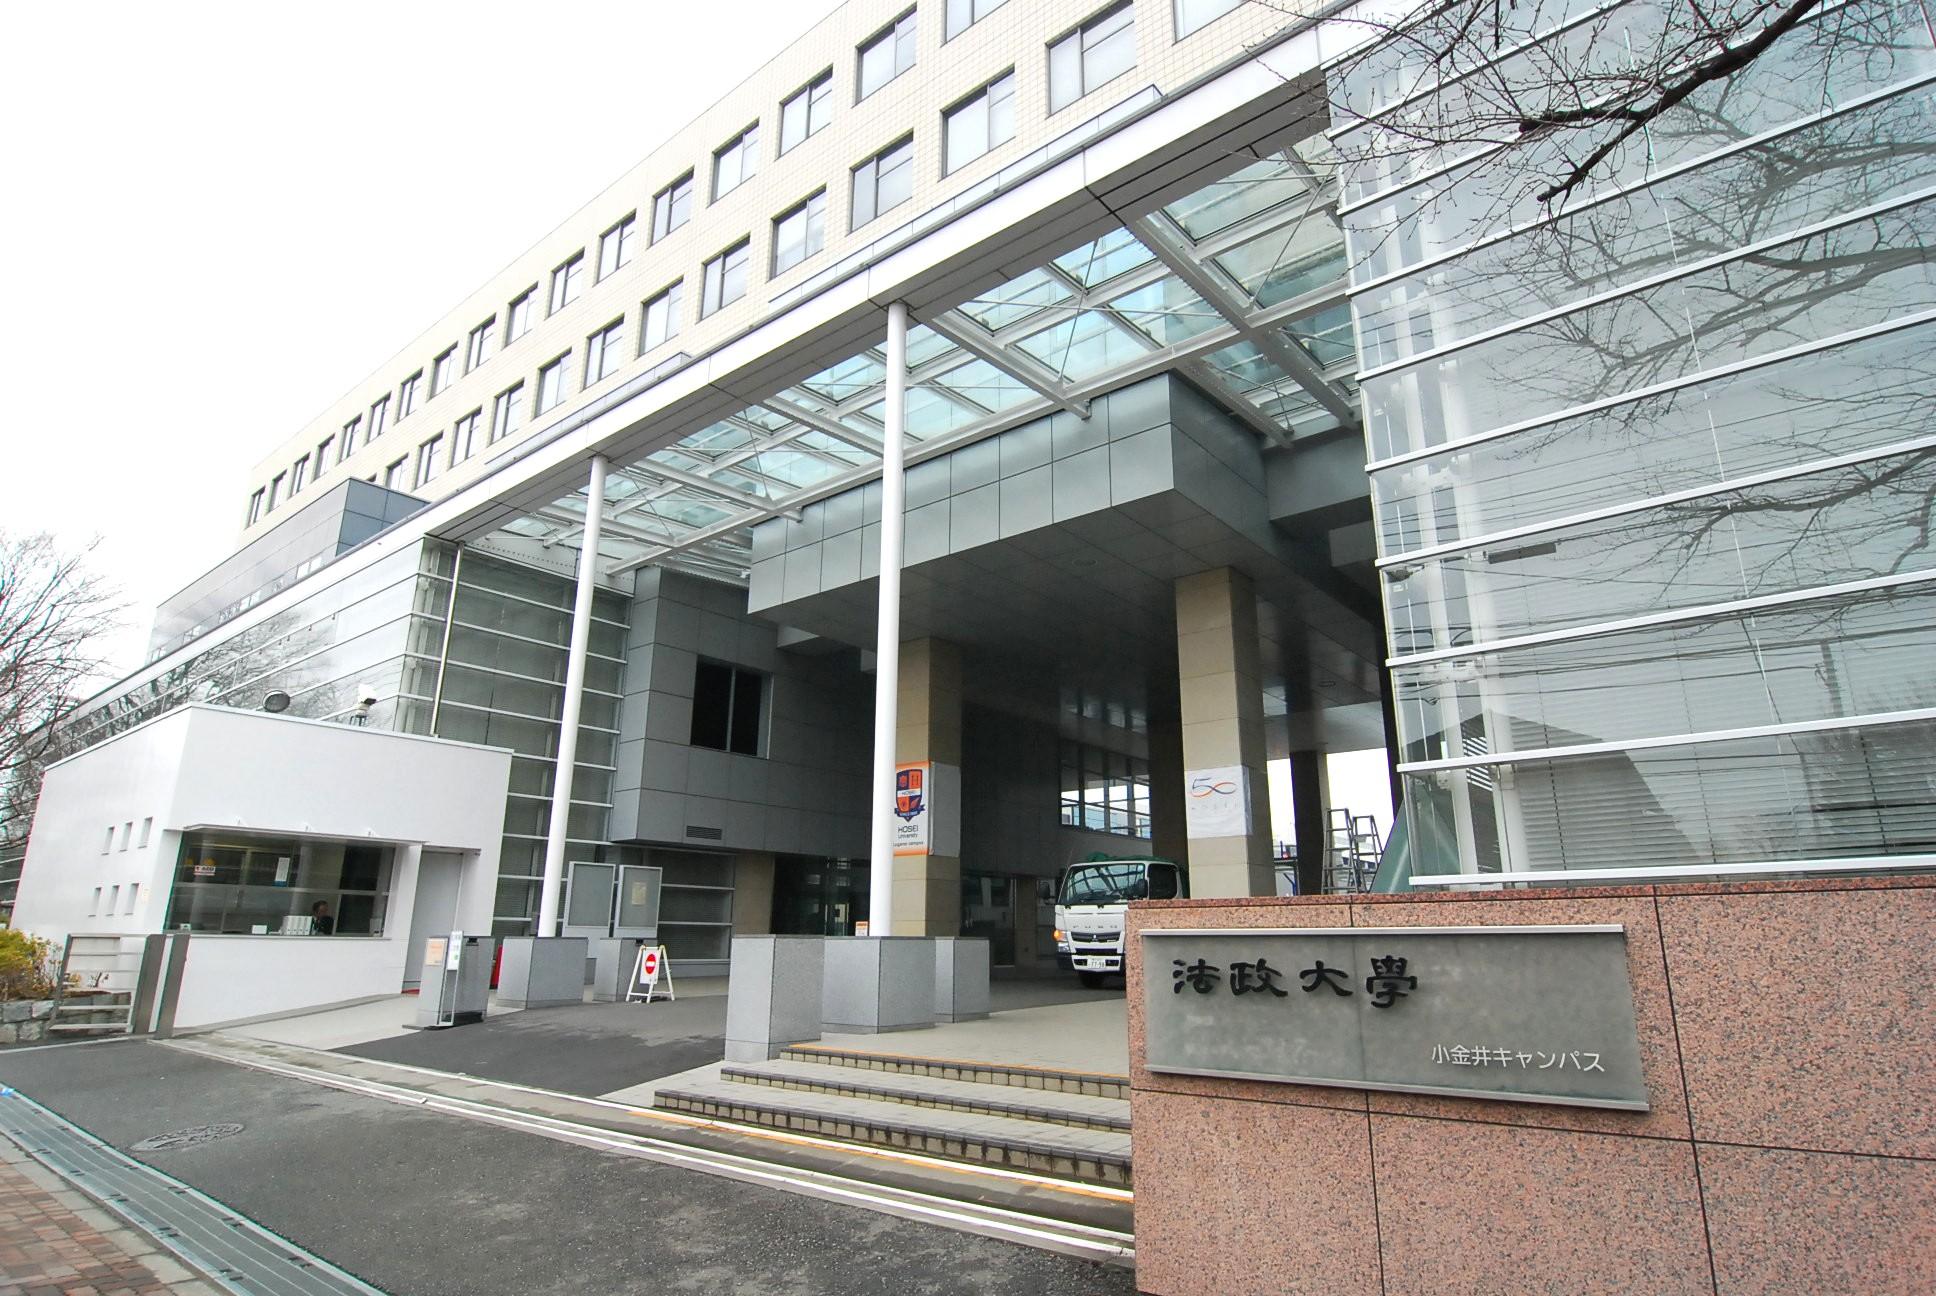 法政大学 小金井キャンパス写真